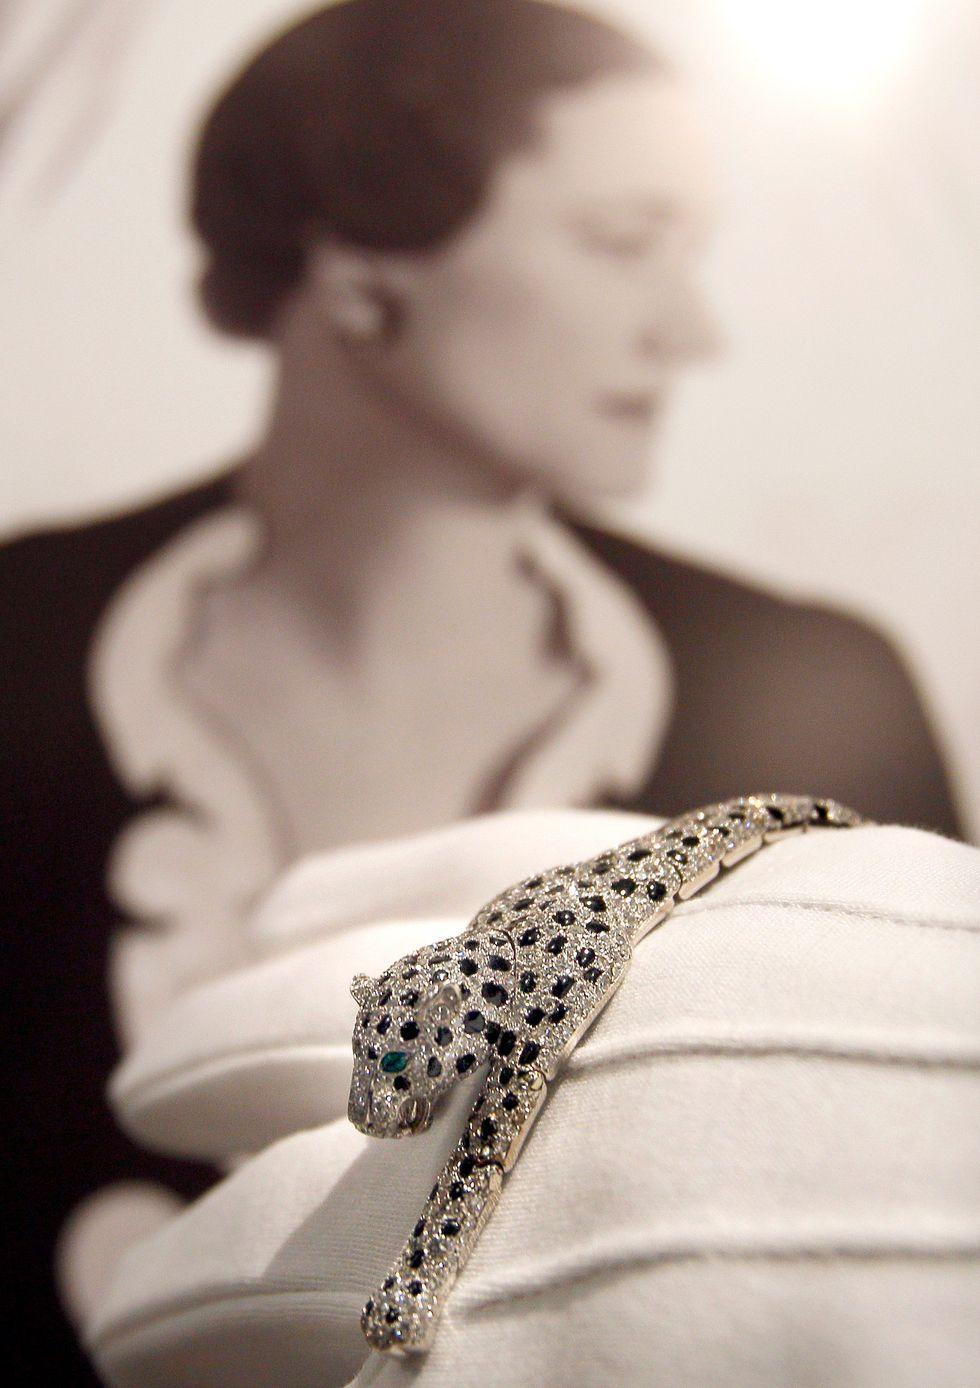 Браслет в виде пантеры из бриллиантов и оникса, который был изготовлен в 1952 году для герцогини Виндзорской